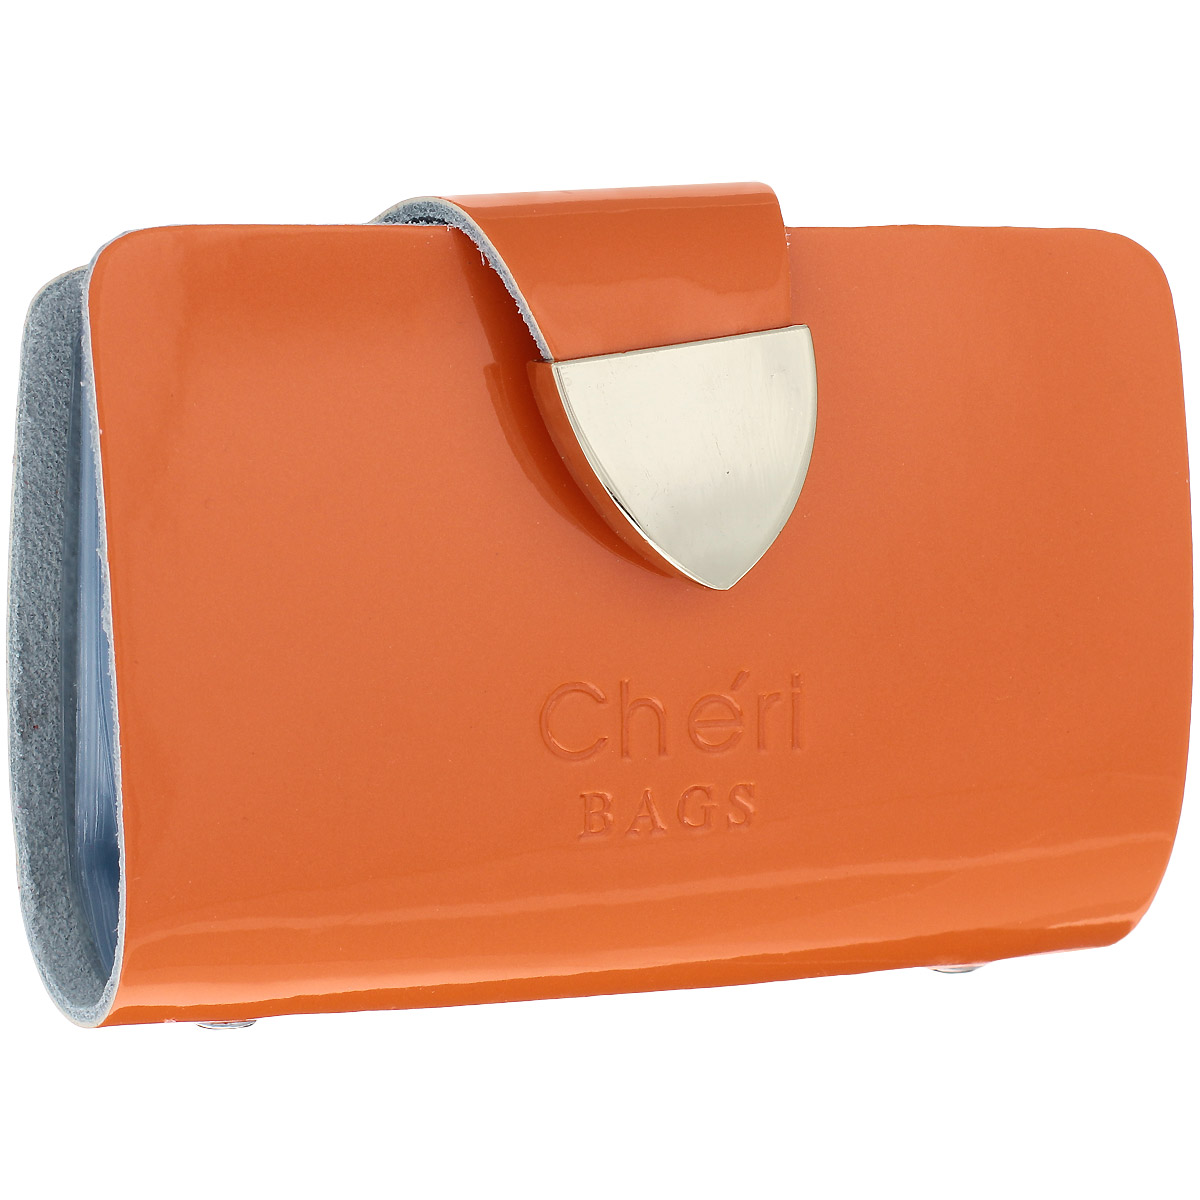 Визитница Cheribags, цвет: оранжевый. V-0482-22W16-11128_323Изысканная визитница Cheribags изготовлена из натуральной лаковой кожи и декорирована тисненым названием бренда спереди. Изделие закрывается хлястиком, оформленным металлической пластиной, на кнопку. Внутри - блок из прозрачного мягкого пластика на 26 визиток, который крепится к корпусу визитницы на металлические заклепки.Стильная визитница - это не только практичная вещь для хранения пластиковых карт, но и модный аксессуар, который подчеркнет ваш неповторимый стиль.